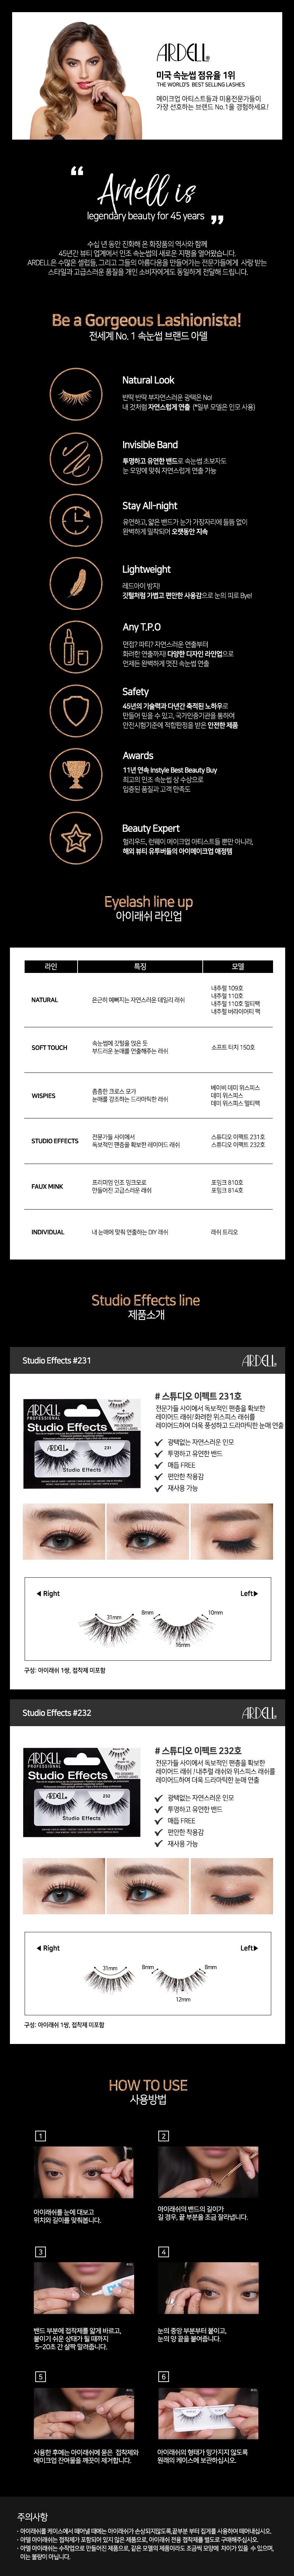 속눈썹 스튜디오 이펙트 231호 - 아델, 9,500원, 아이메이크업, 아이래쉬